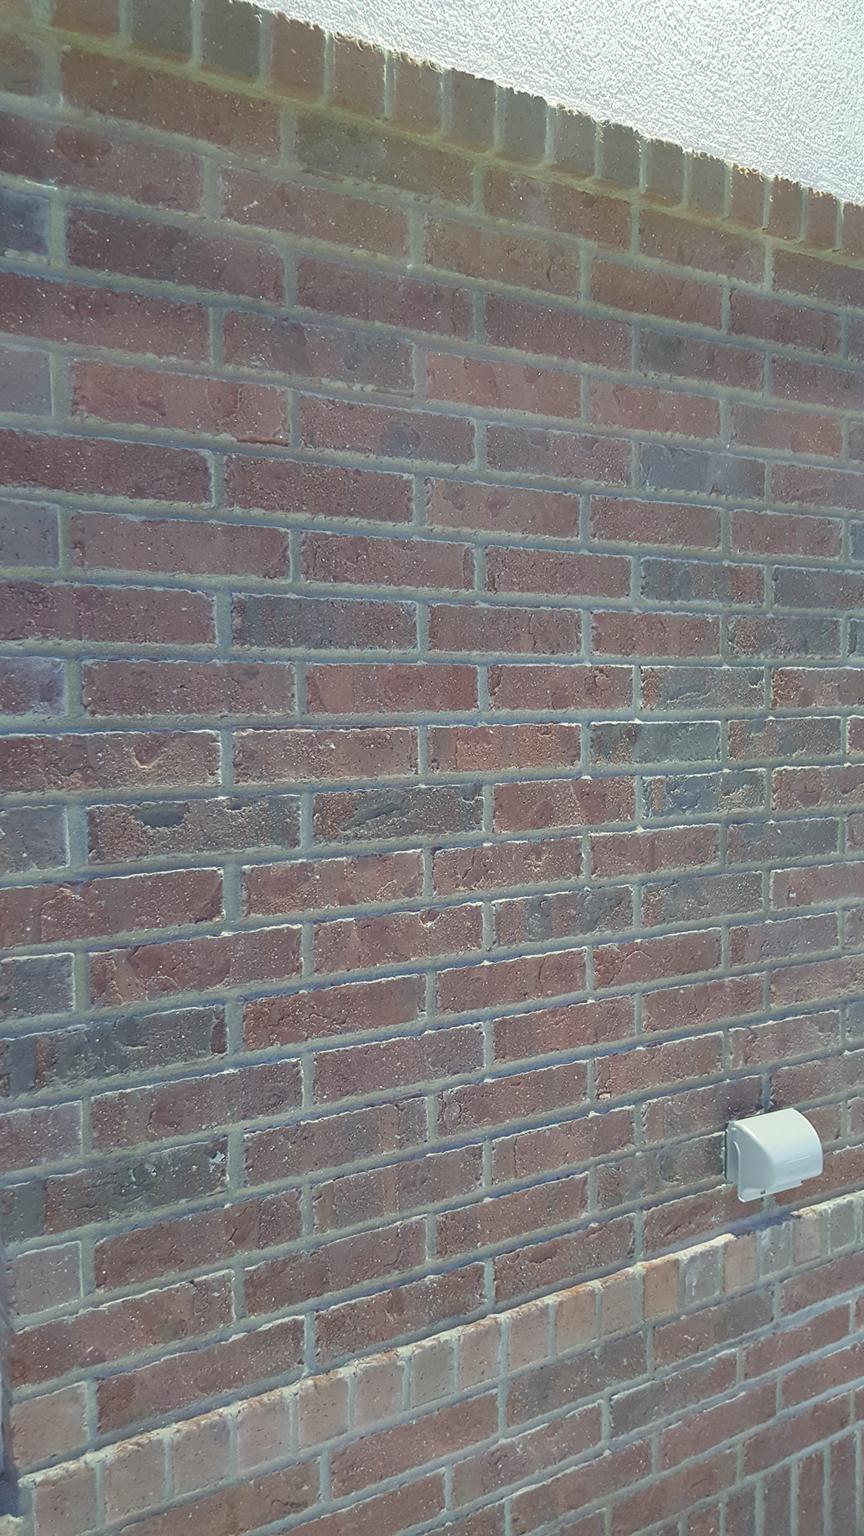 Brick Mason Contractors : Masonry contractor answering service call center plus